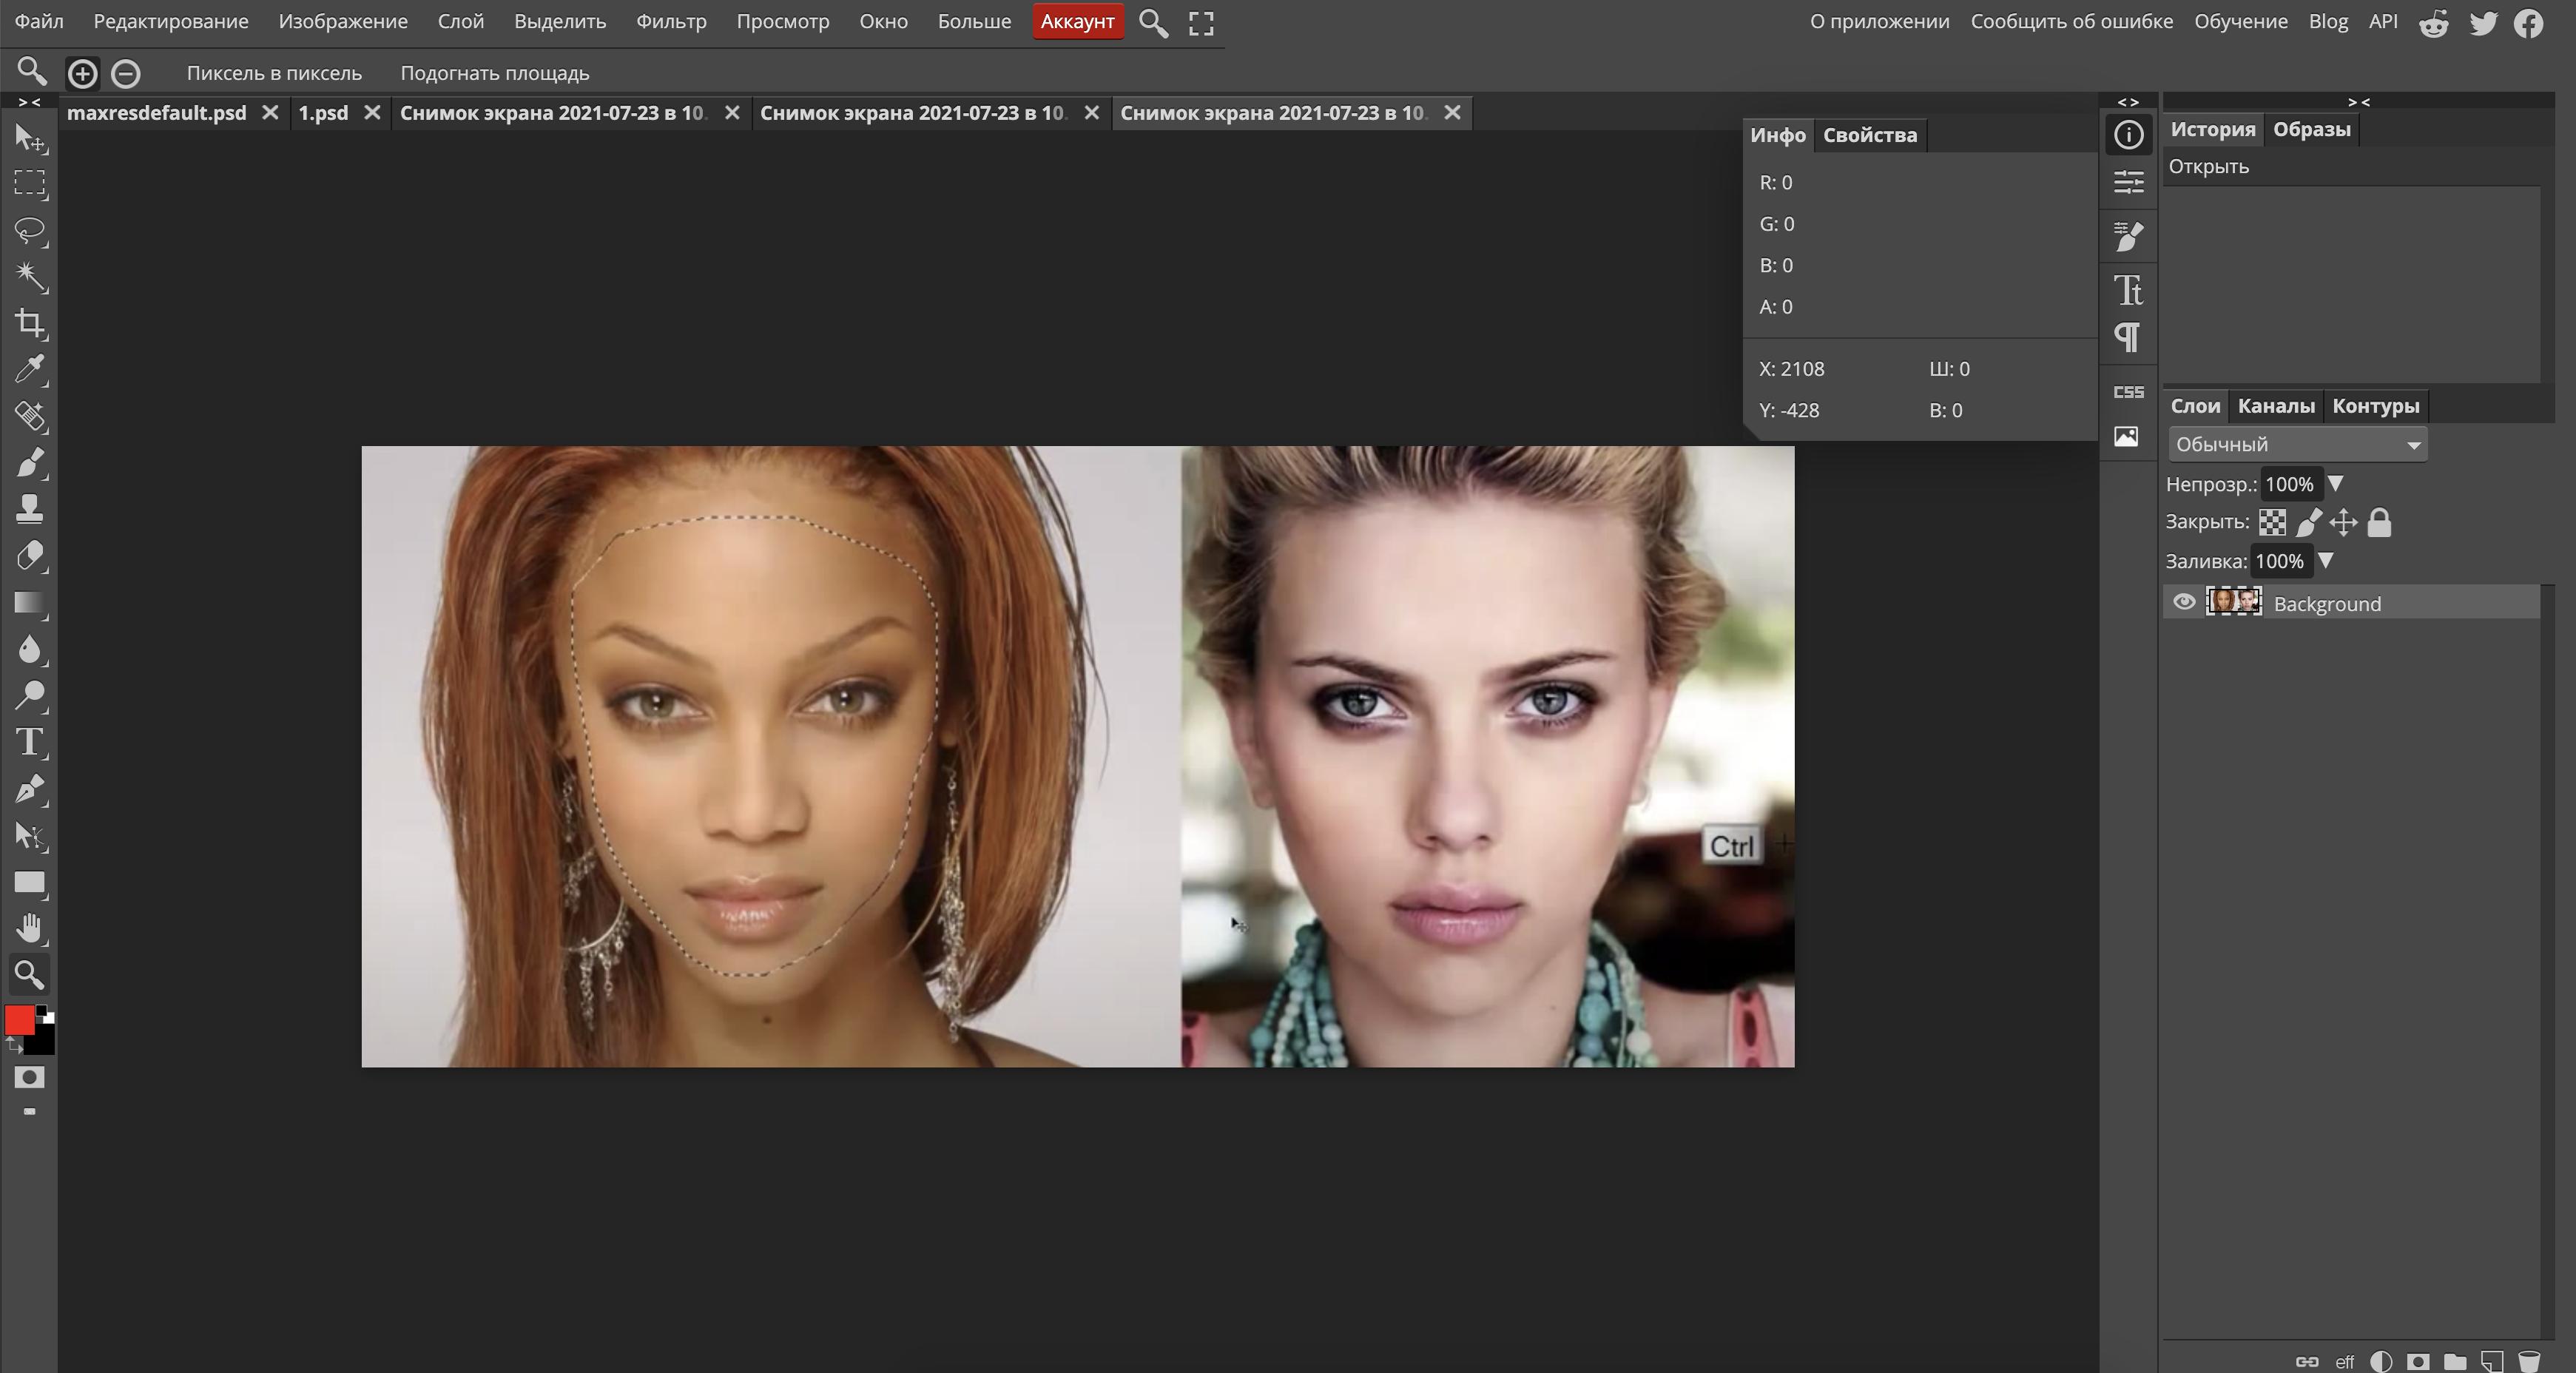 Как в Photoshop Online заменить лицо - photopea